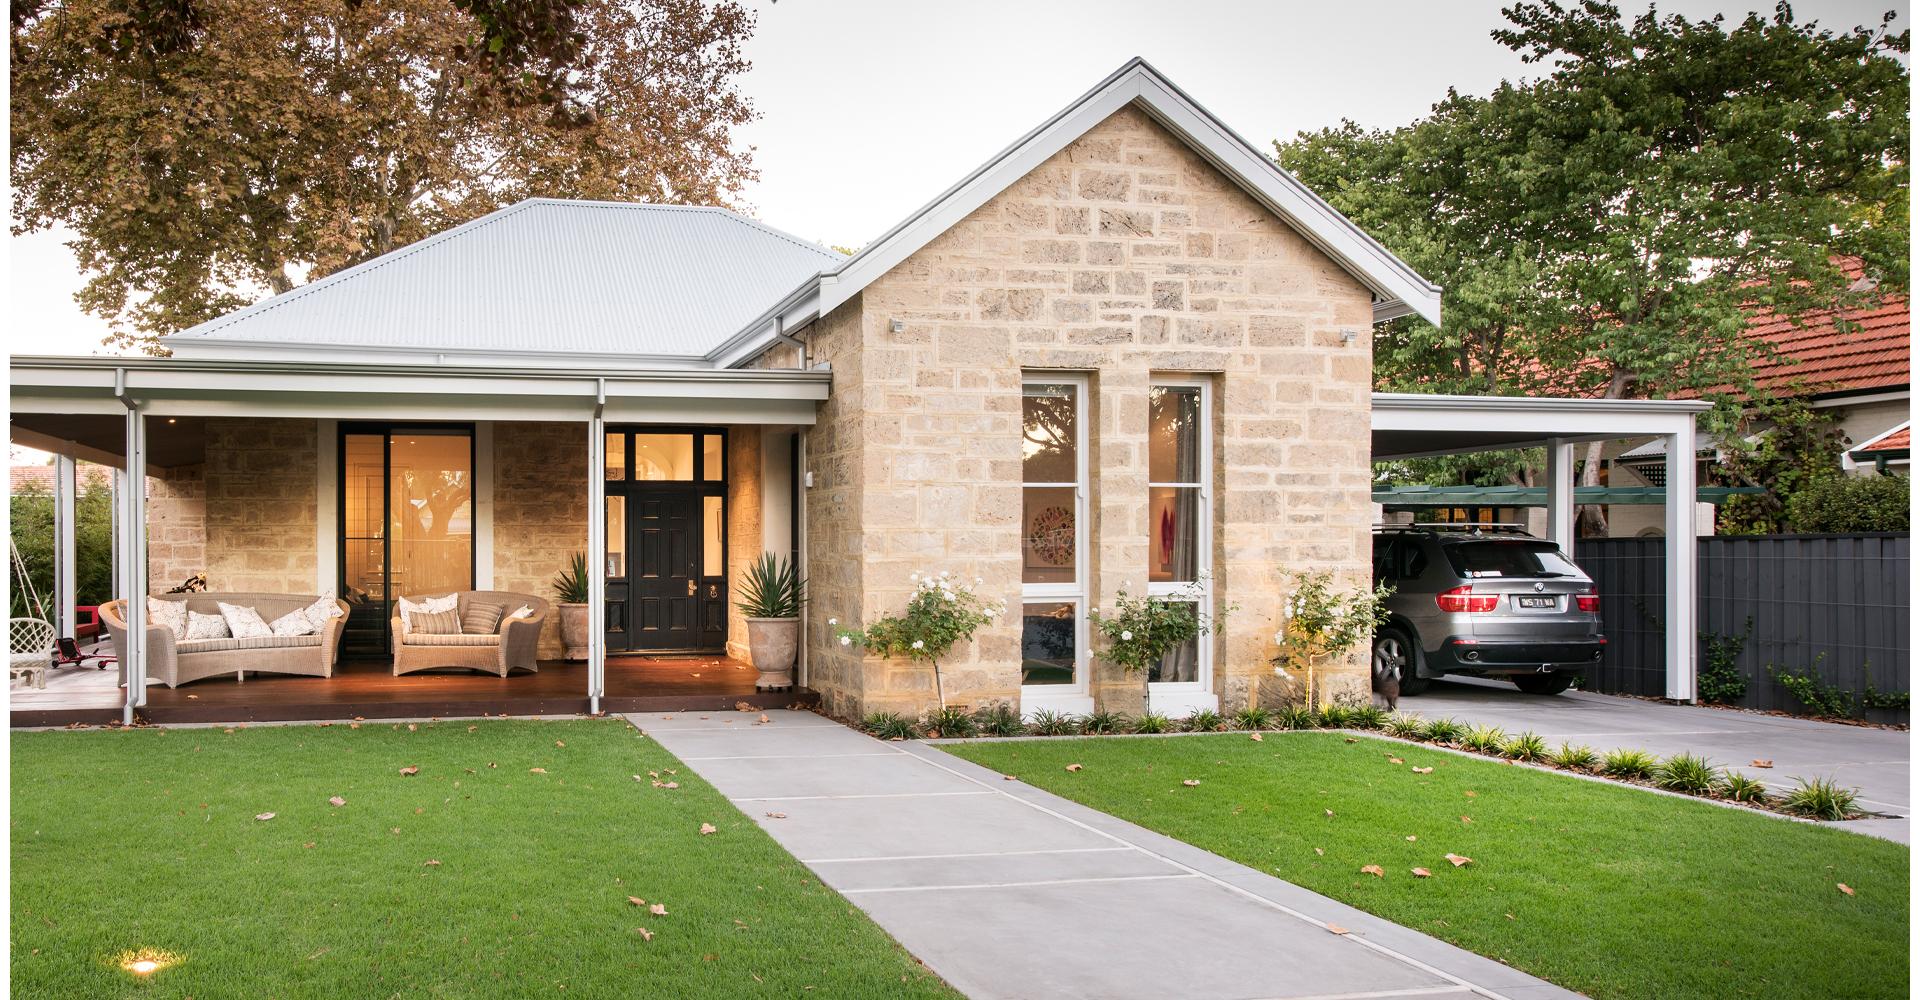 maek-luxury-home-design-inspiration-peppermintgrove-27v-exterior-gallery-2.jpg